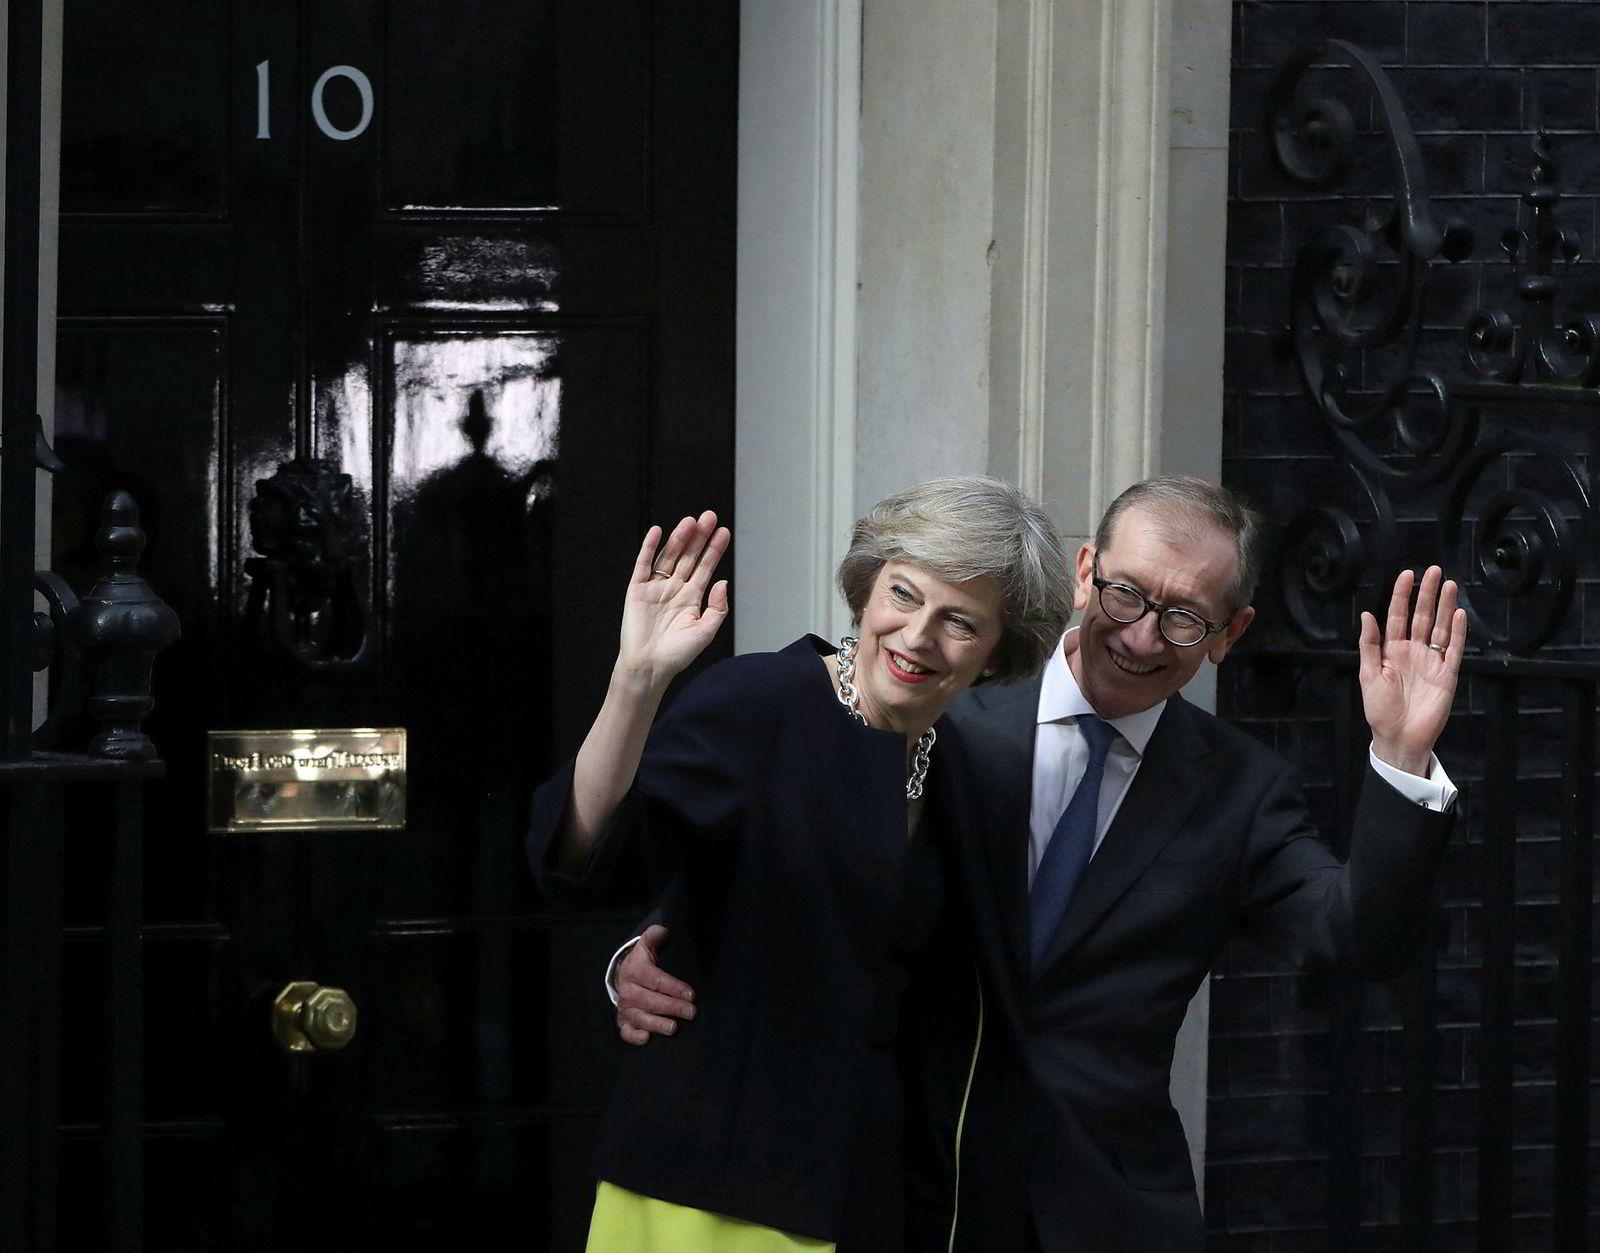 13. juli 2016: Etter at David Cameron gikk av som statsminister, ble tidligere innenriksminister Theresa May utnevnt som hans etterfølger. May sto på Camerons side og stemte for å bli værende i EU. Her hilste hun på folket utenfor statsministerboligen i Downing Street 10 sammen med ektemannen Philip May.